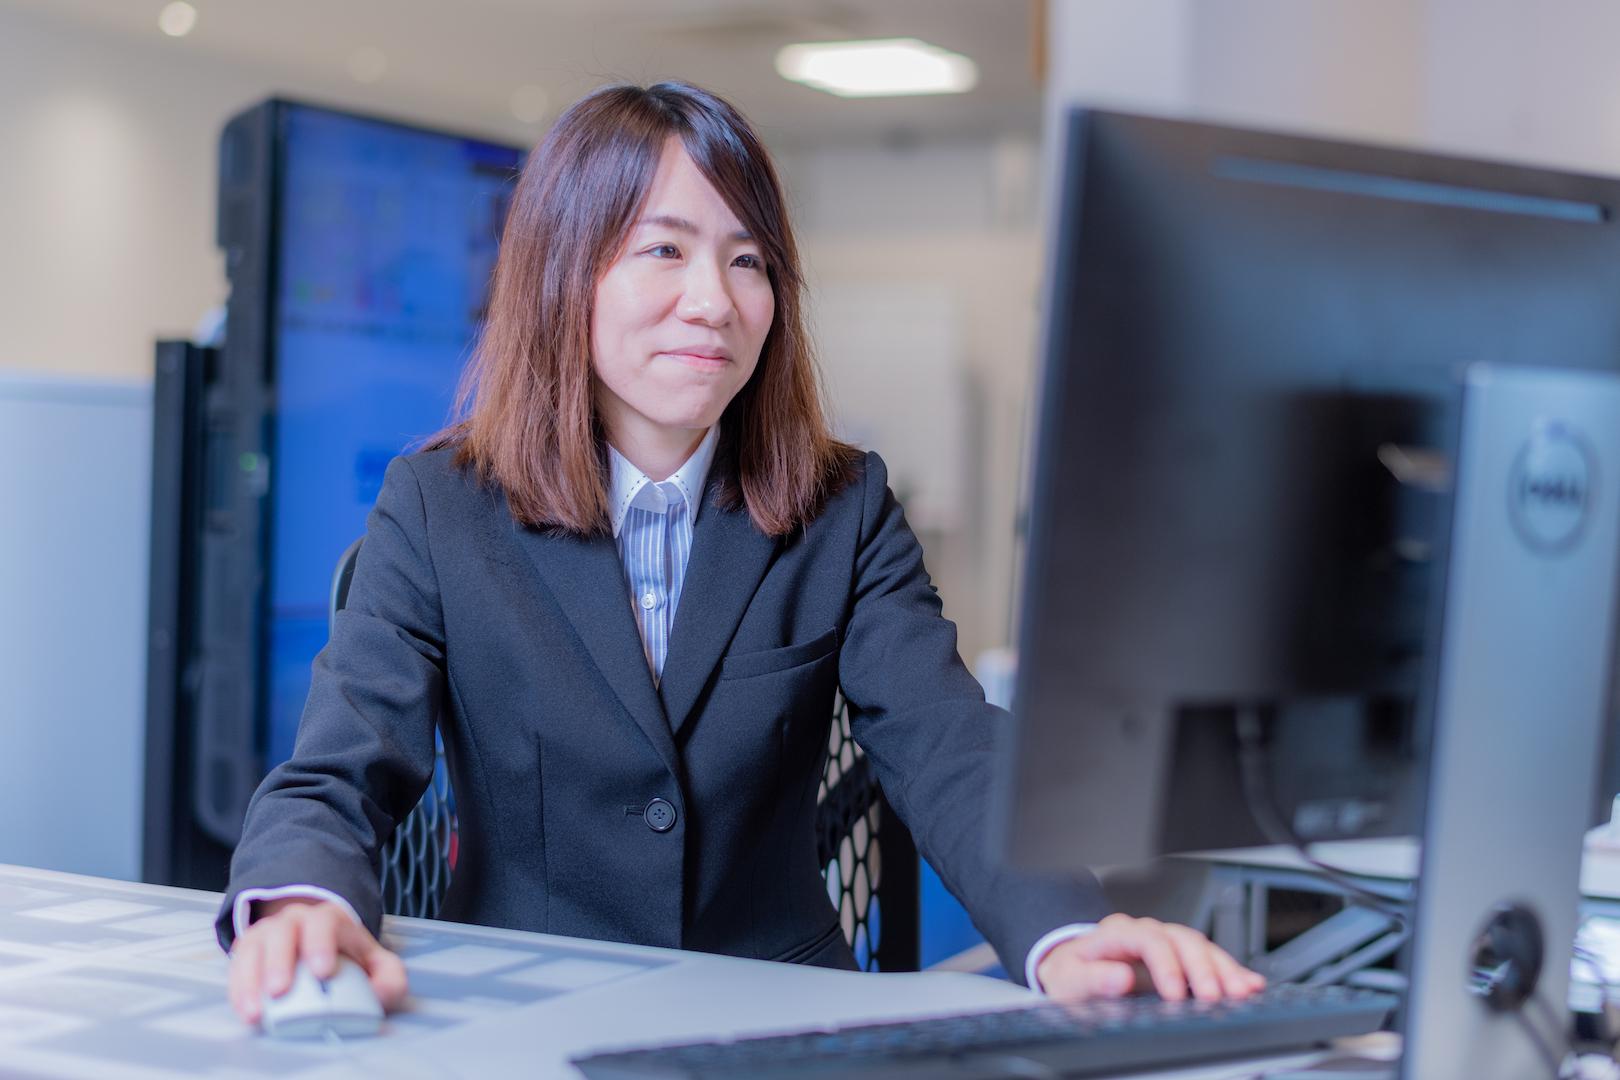 【東京不動産のスタッフ紹介】賃貸管理部の福島千愛をご紹介します